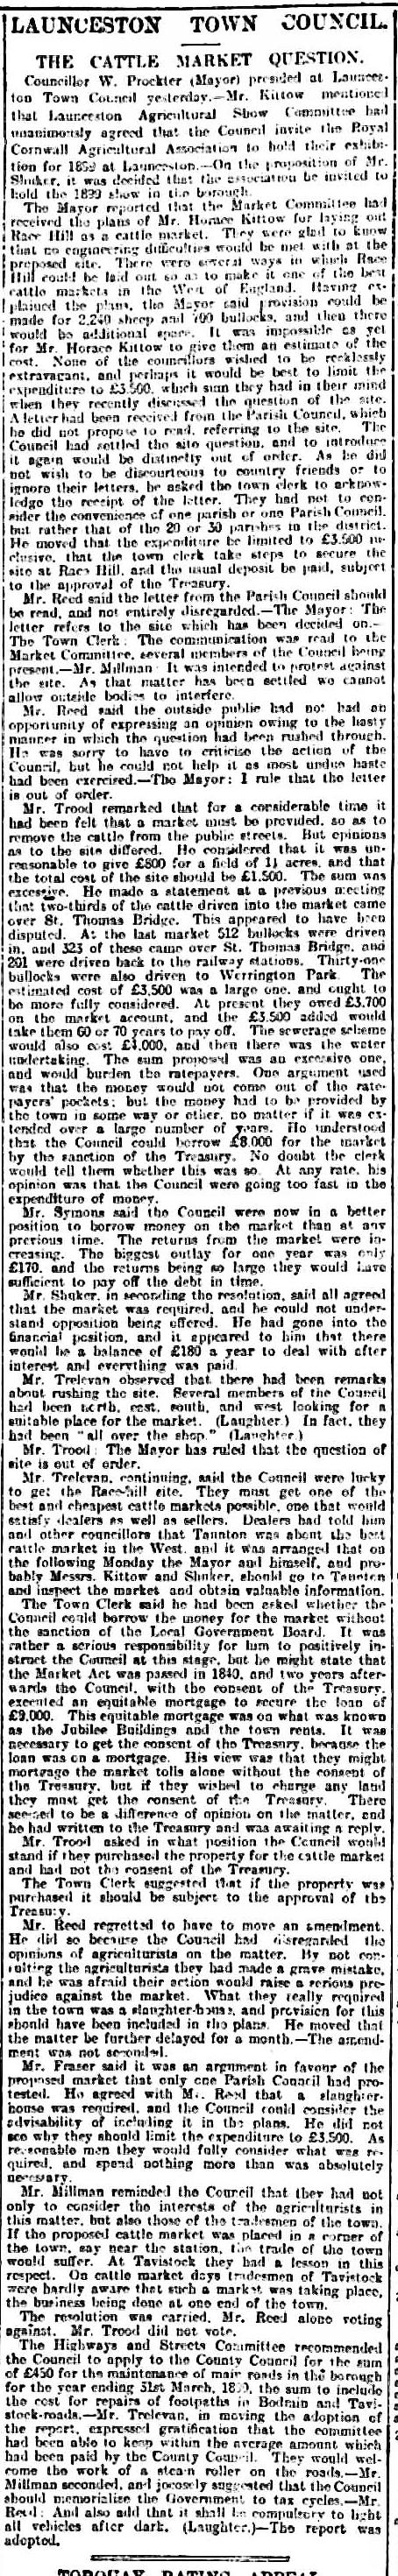 10 May 1898